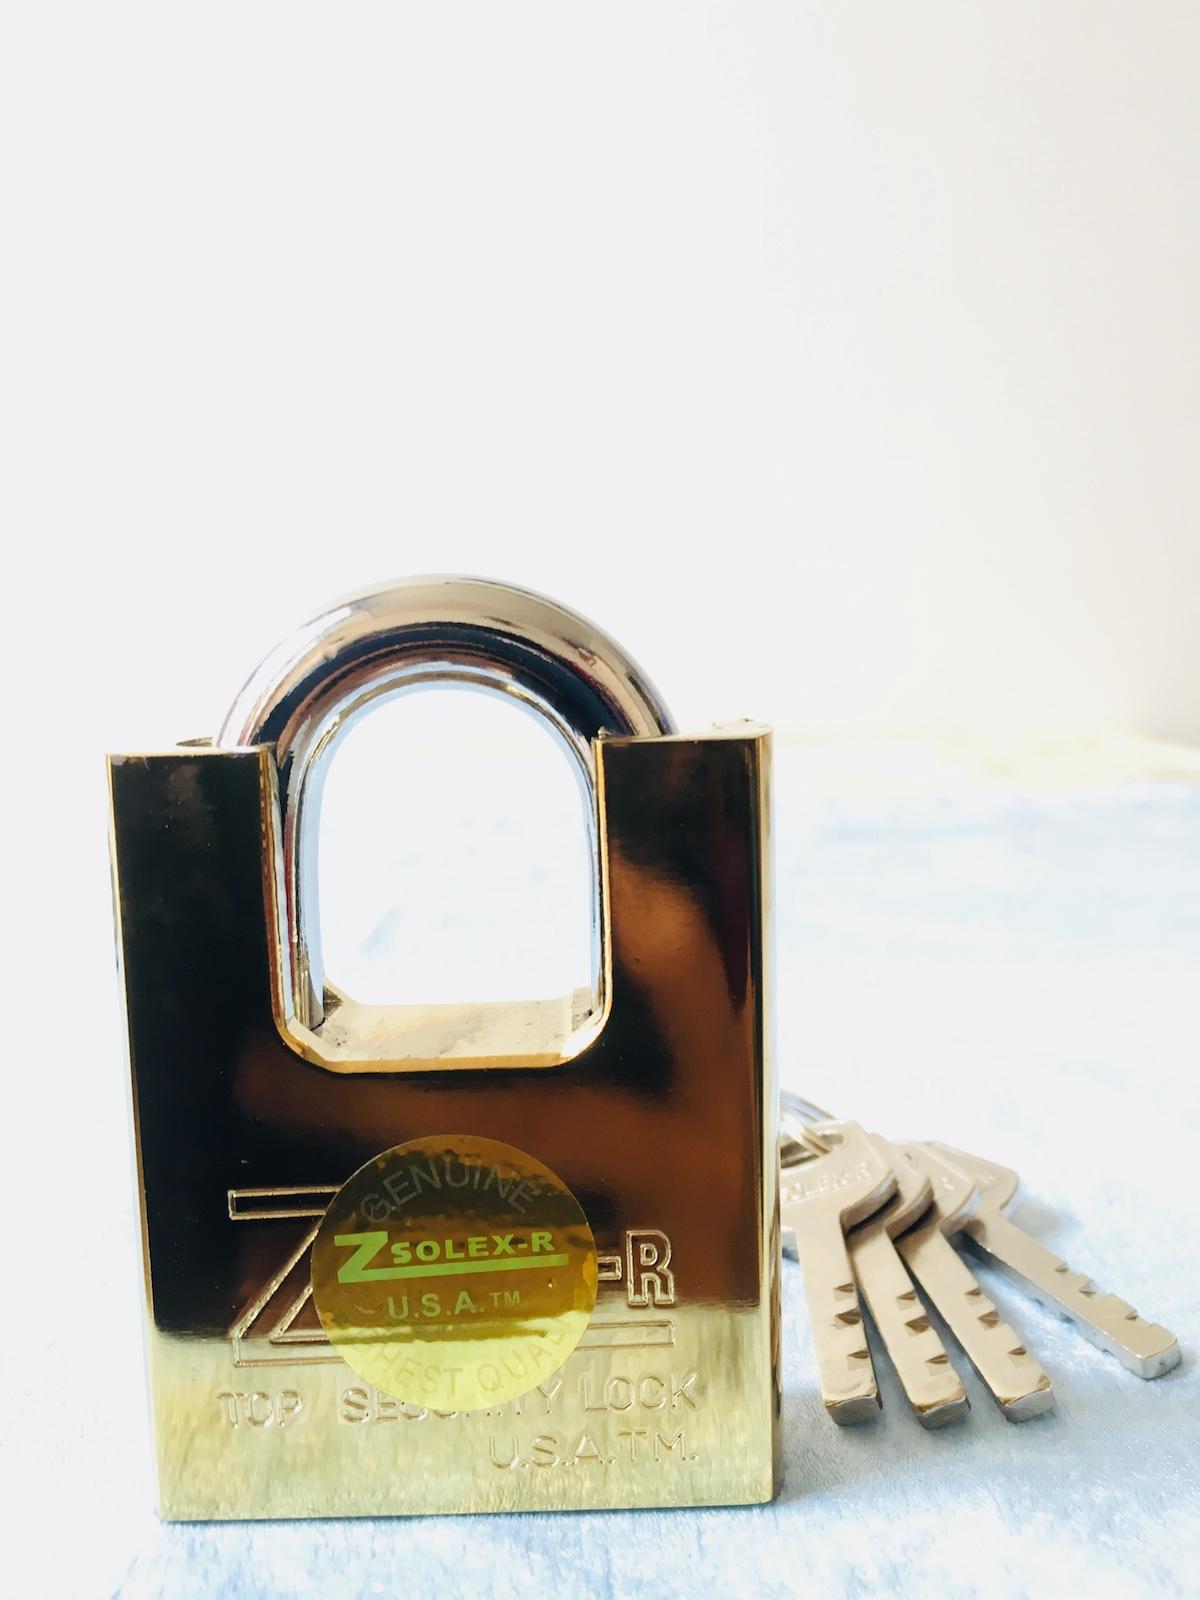 [HCM]Ổ KHOÁ CHỐNG CẮT SIZE ĐẠI 60F - ổ khóa chống trộm sử dụng dễ dàng không cần dùng lực chỉ cần vài thao tác xoáy nhẹ là bạn đã khóa xong.